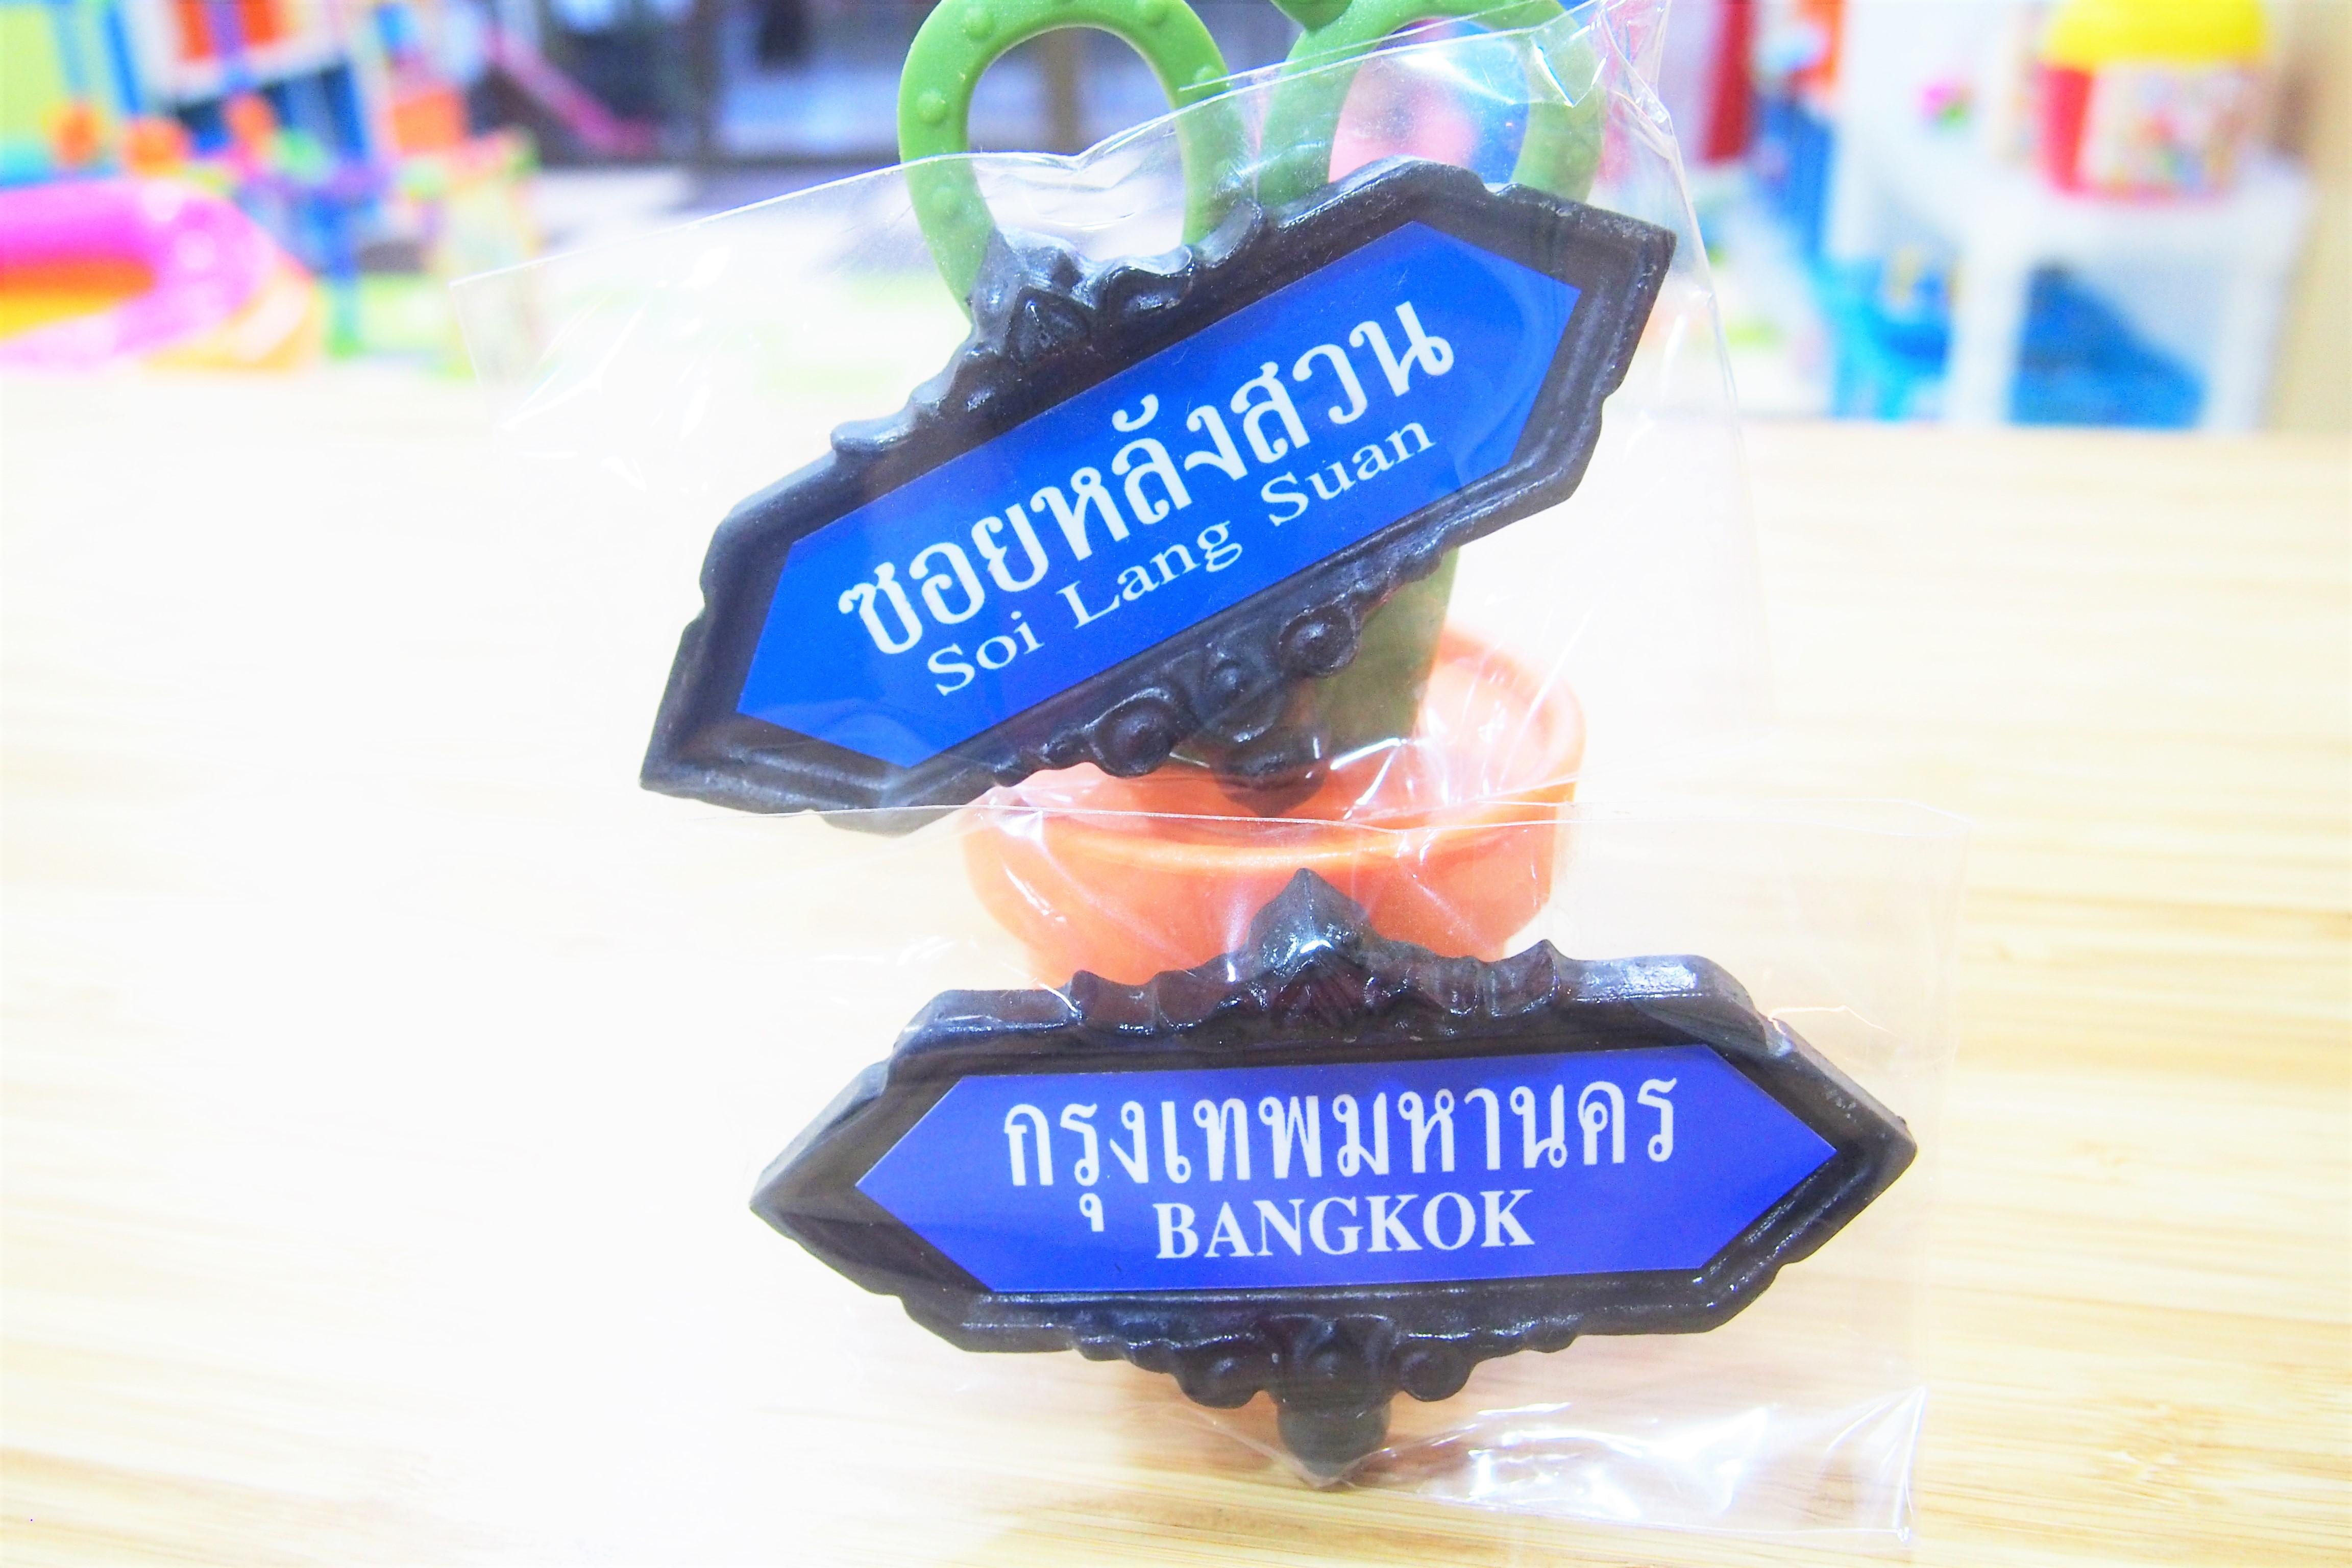 タイのお土産に! タイ語の名前入り「ソイ標識マグネット」を作ろう。